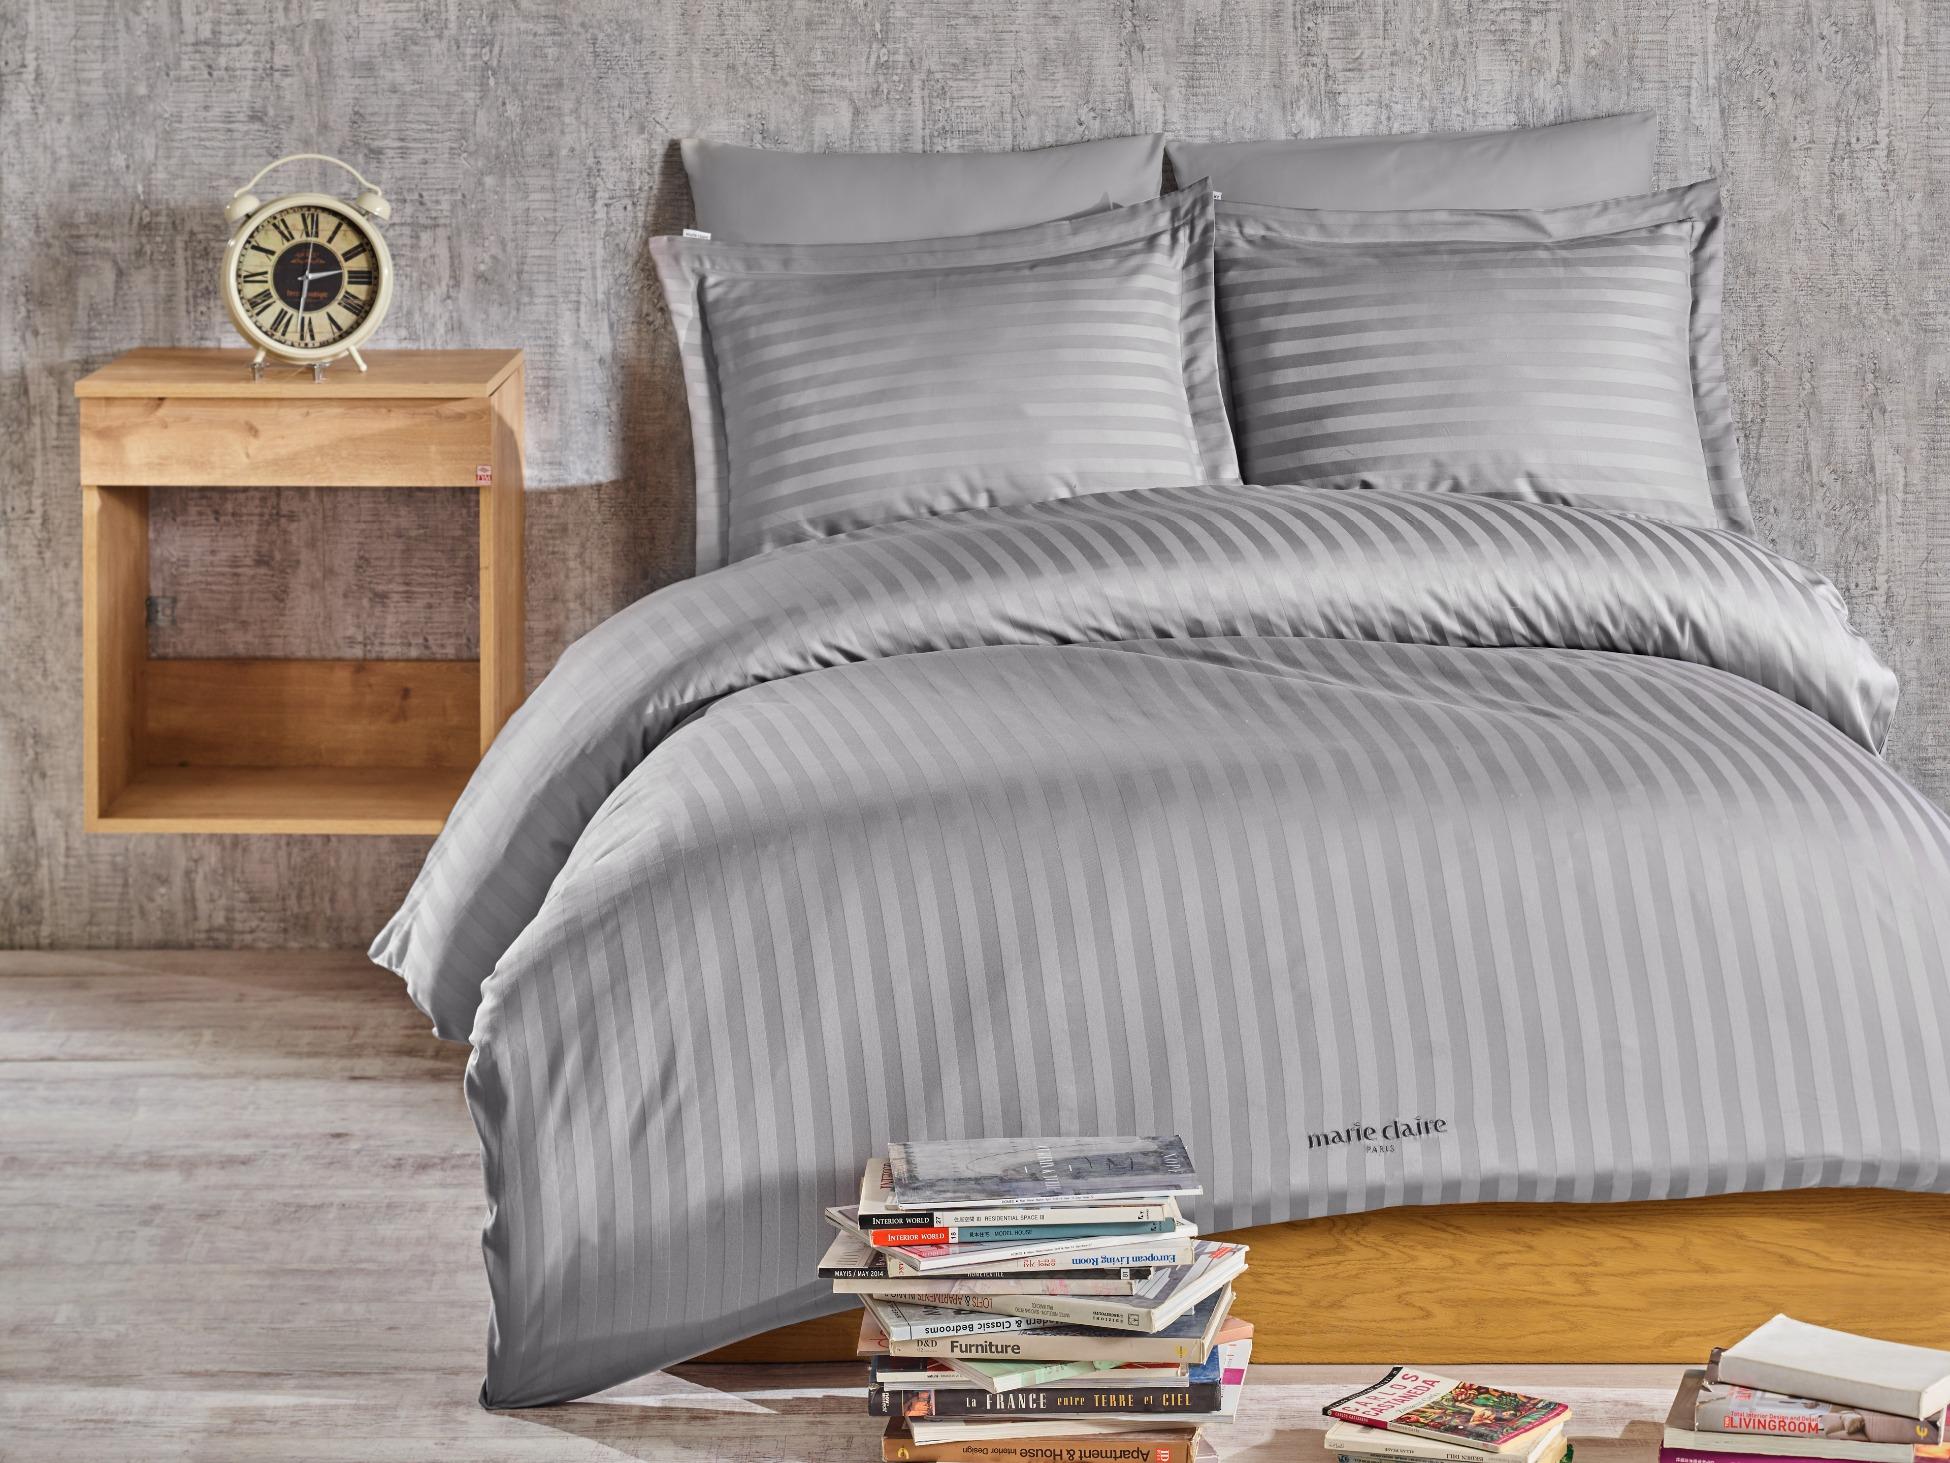 37ea01f4b0df8 Комплект постельного белья Marie Claire VOGUE GRAY из сатина купить ...